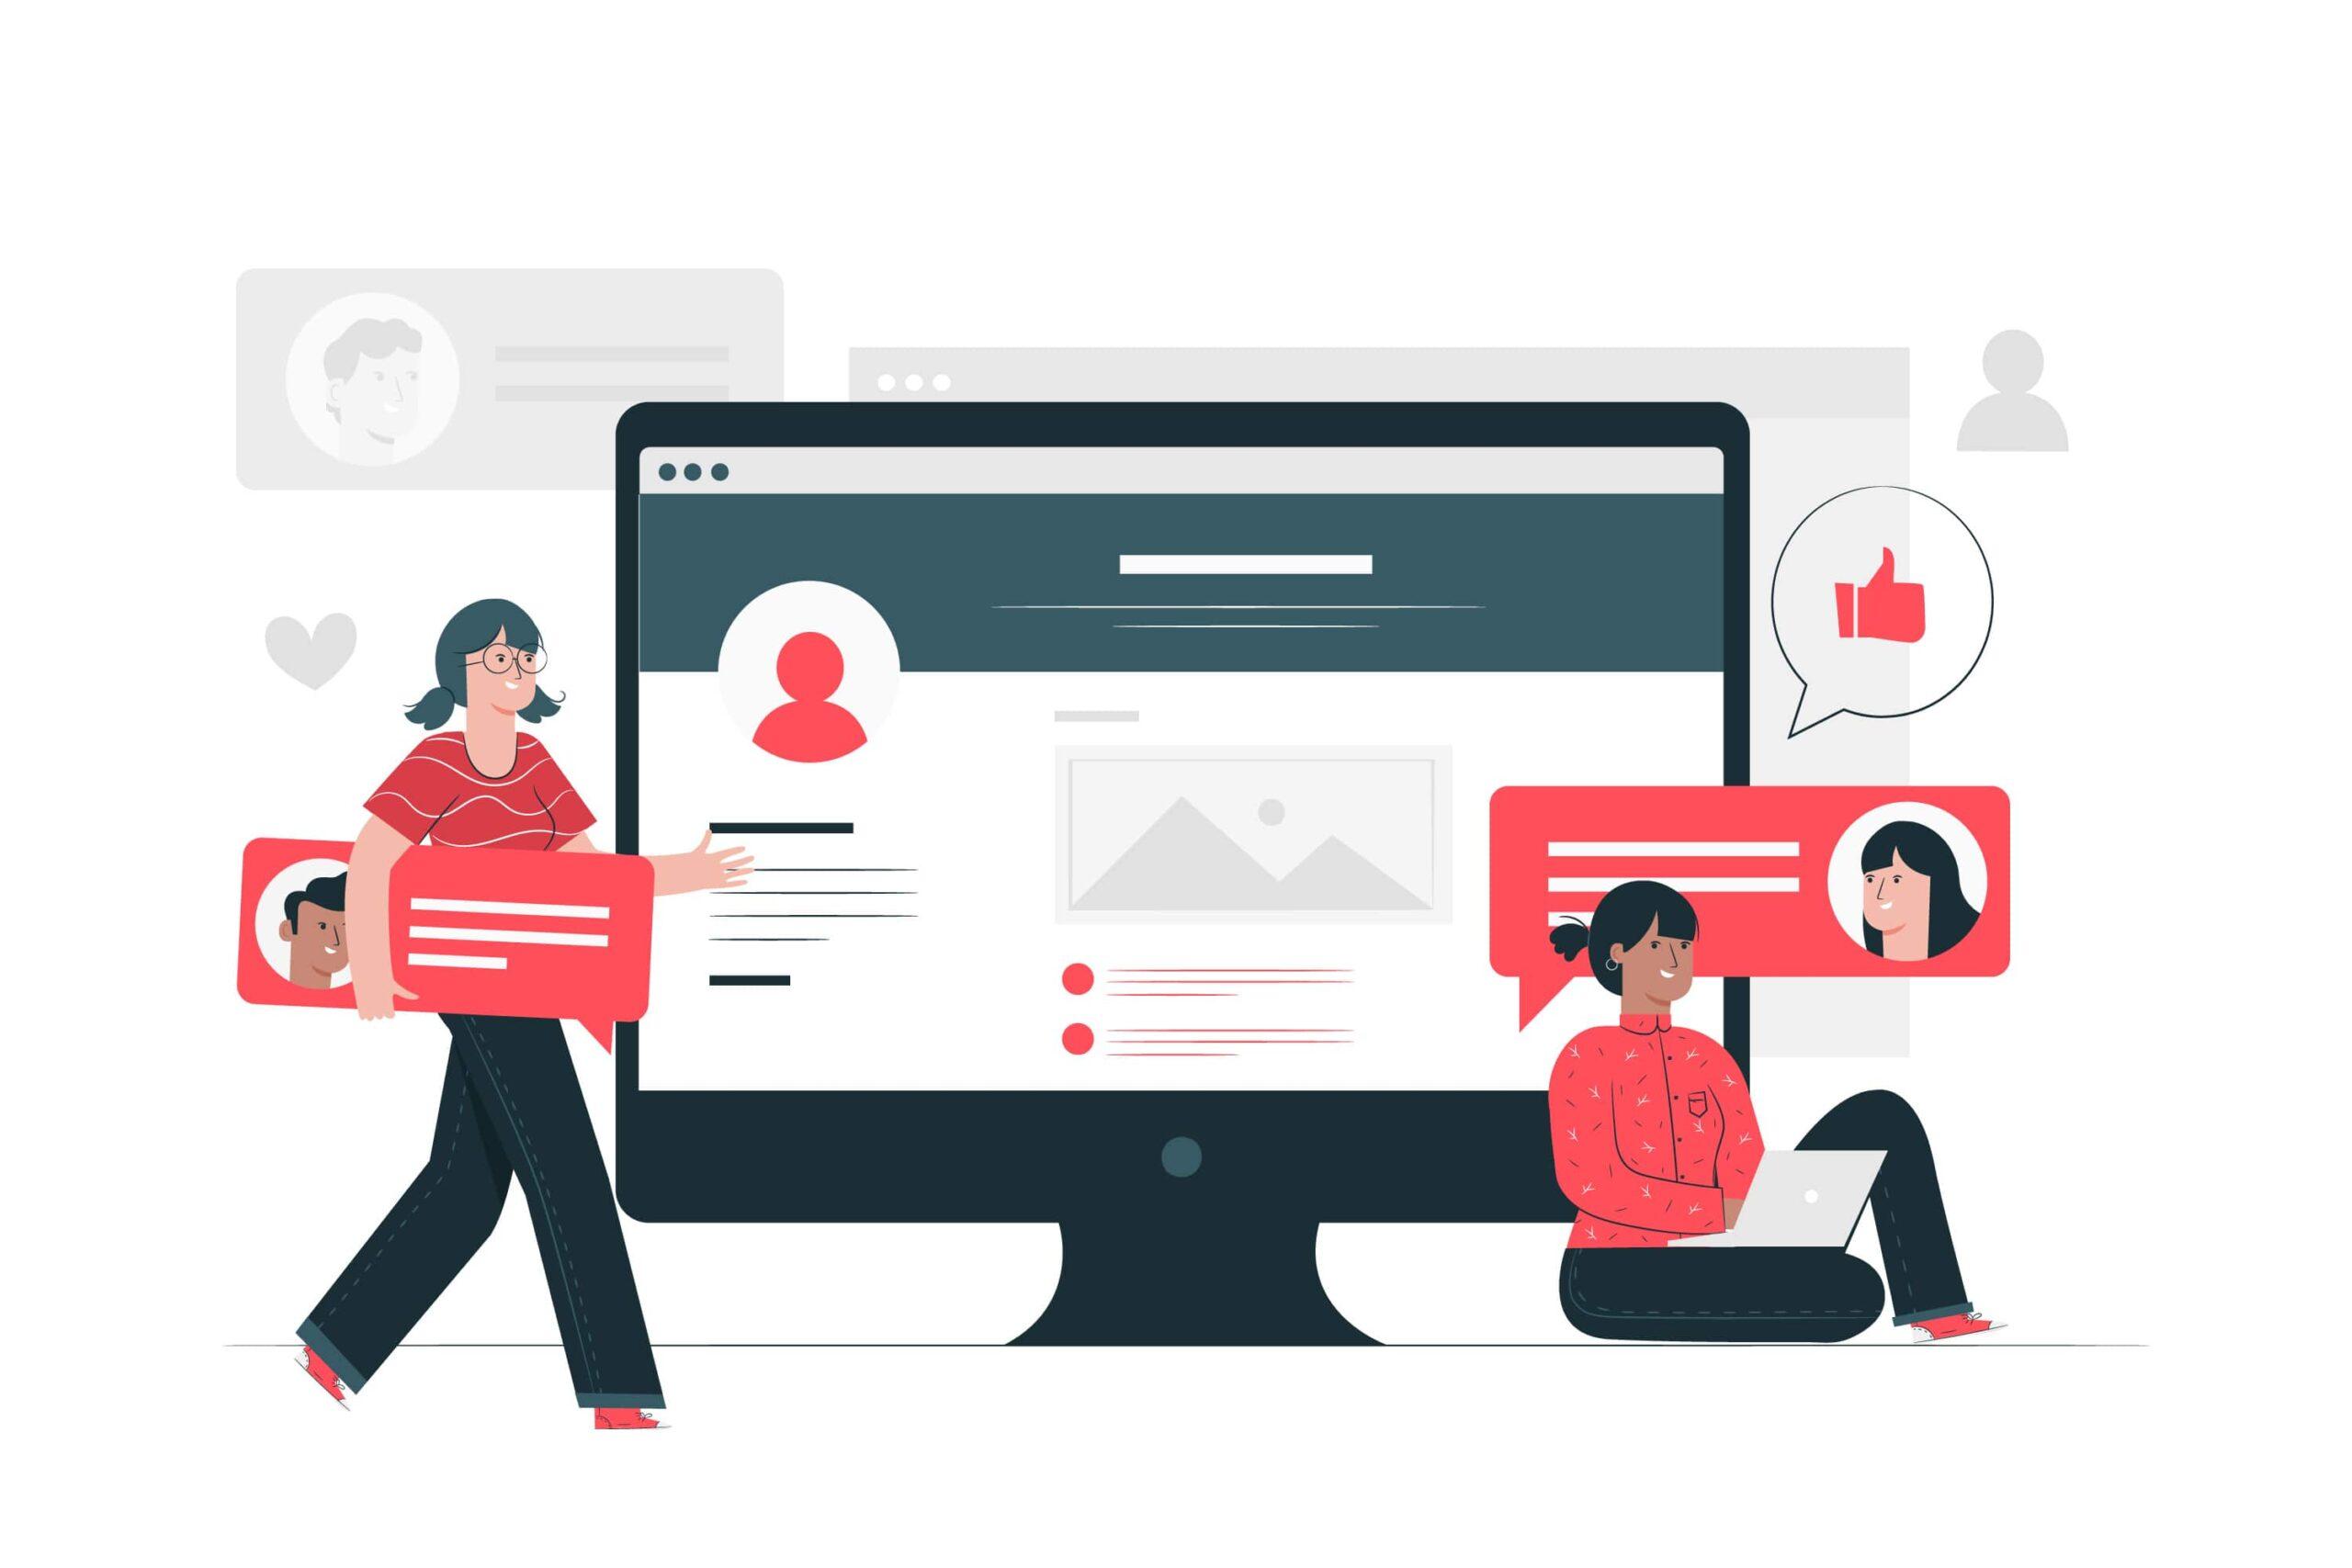 blogging tips vector visual illustration